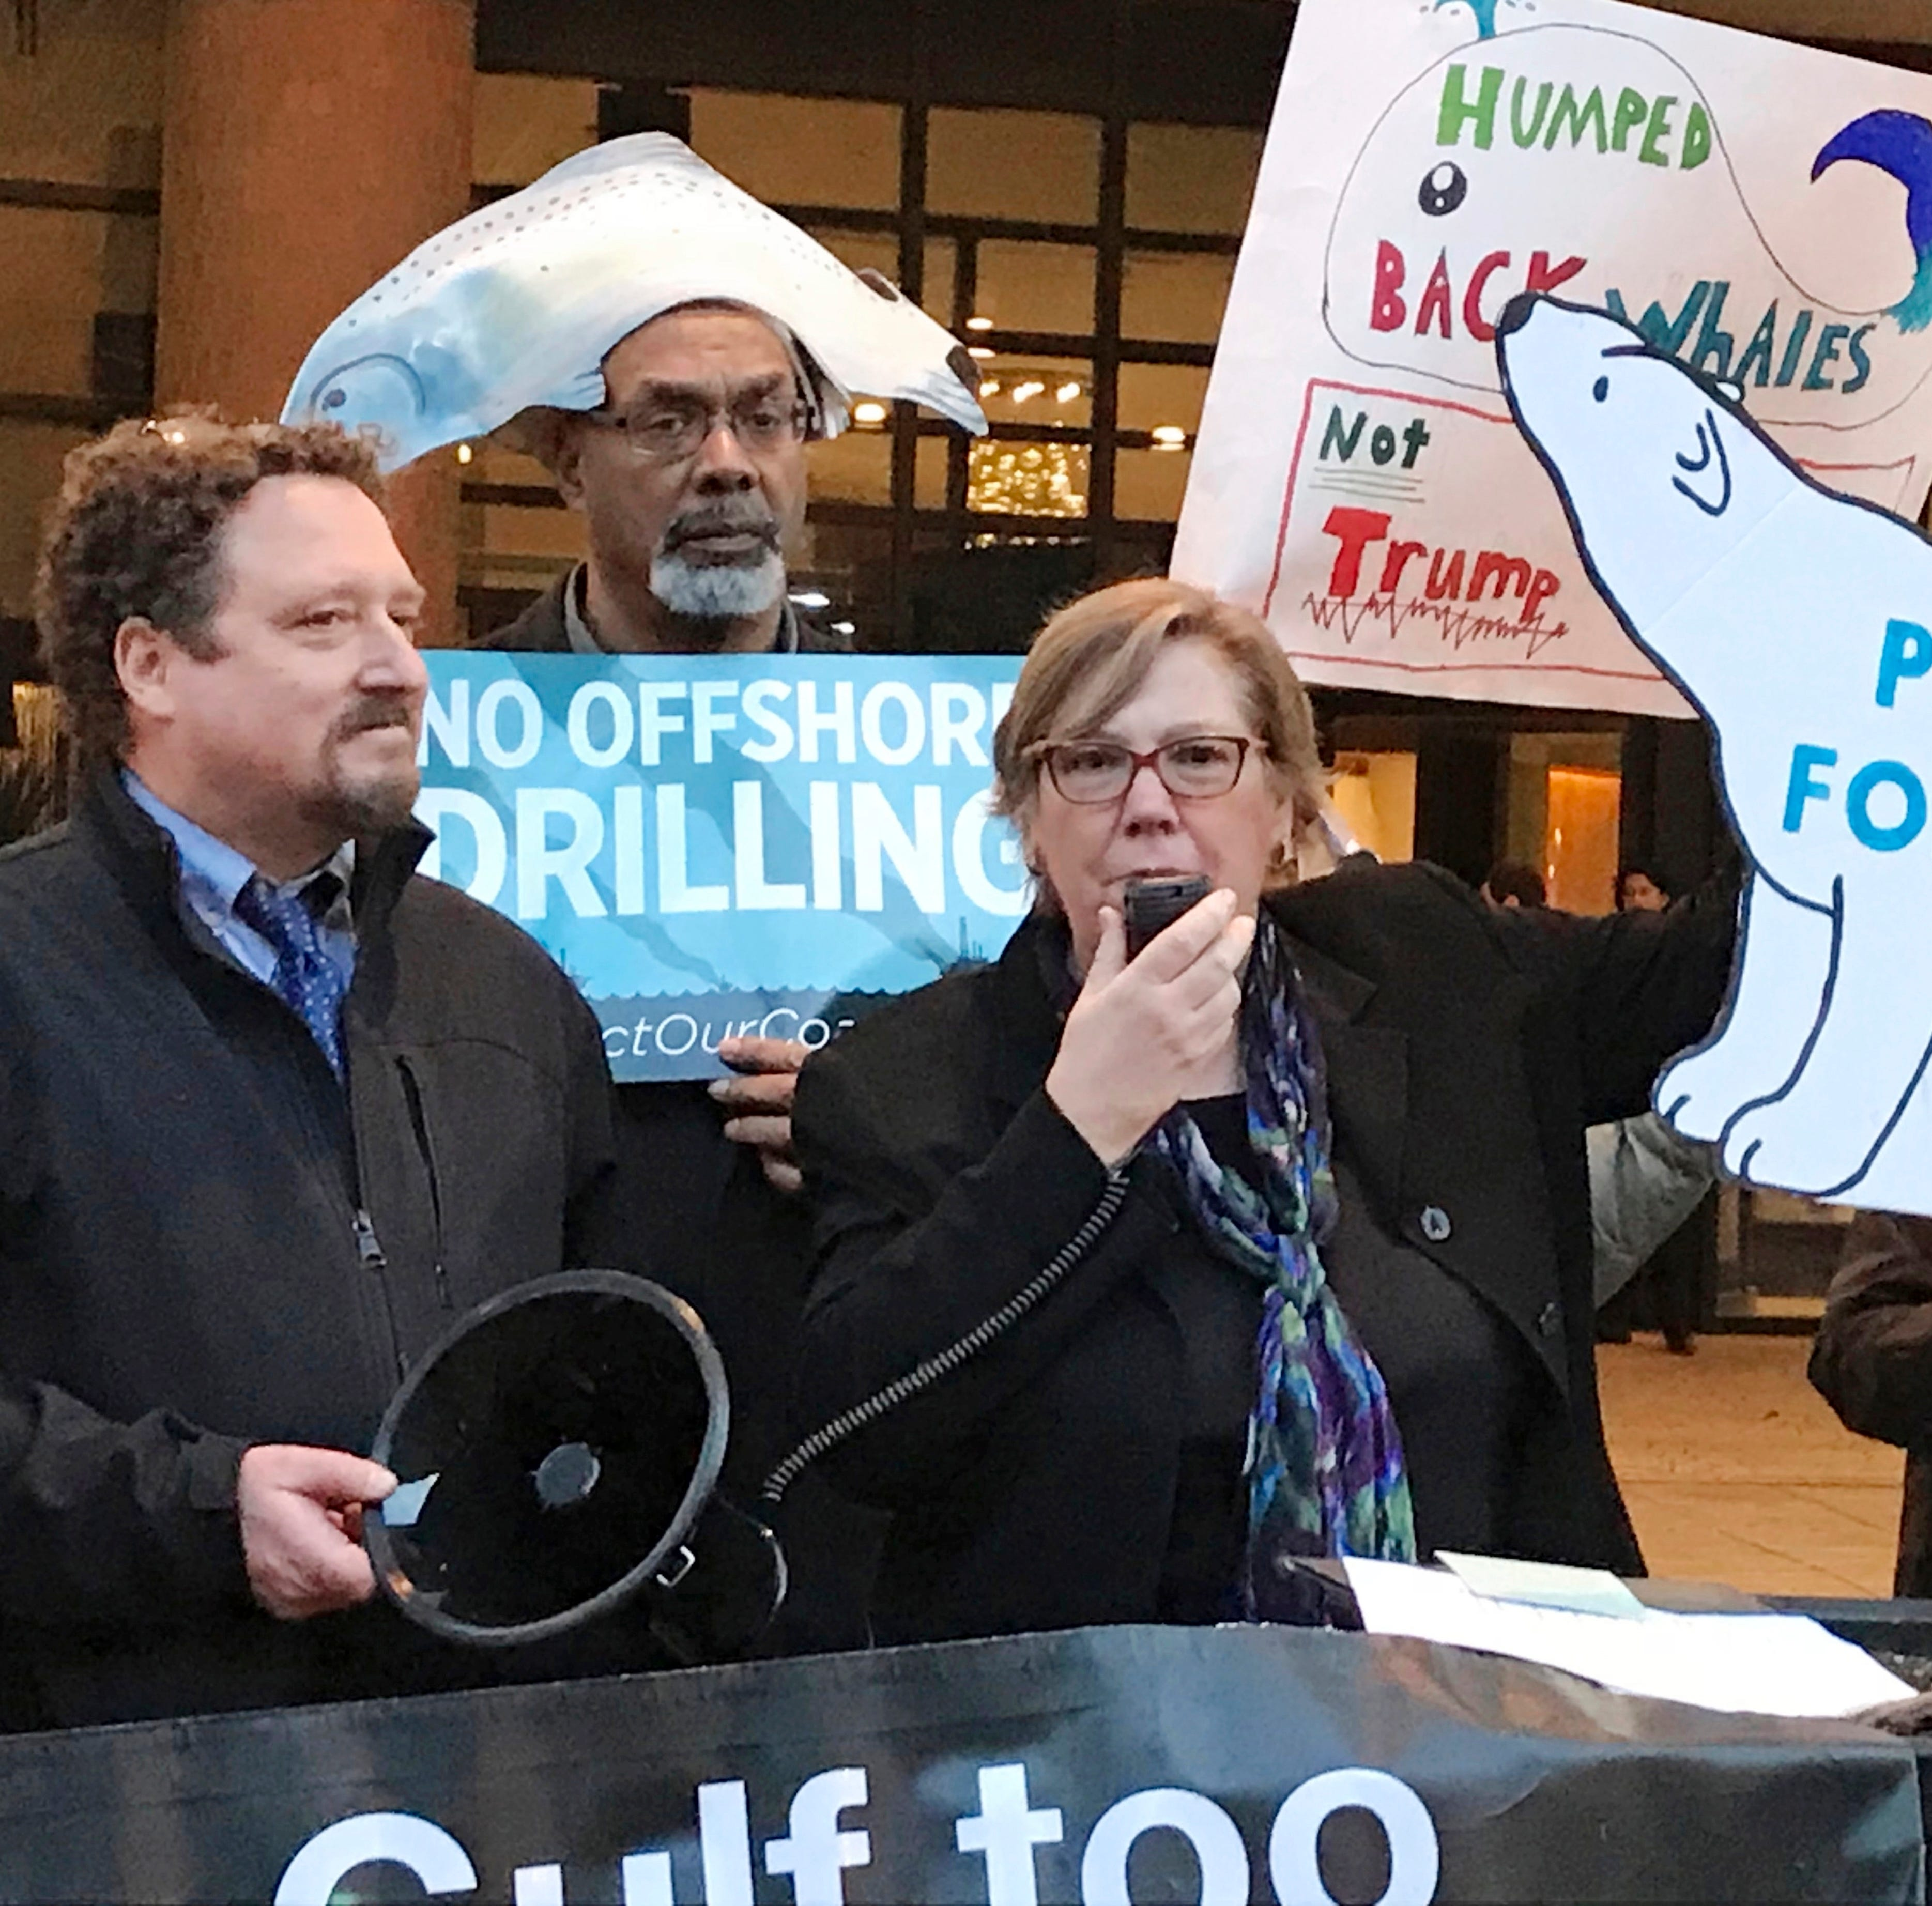 Alaska judge blocks Trump's executive order, restores offshore drilling ban in Arctic Ocean